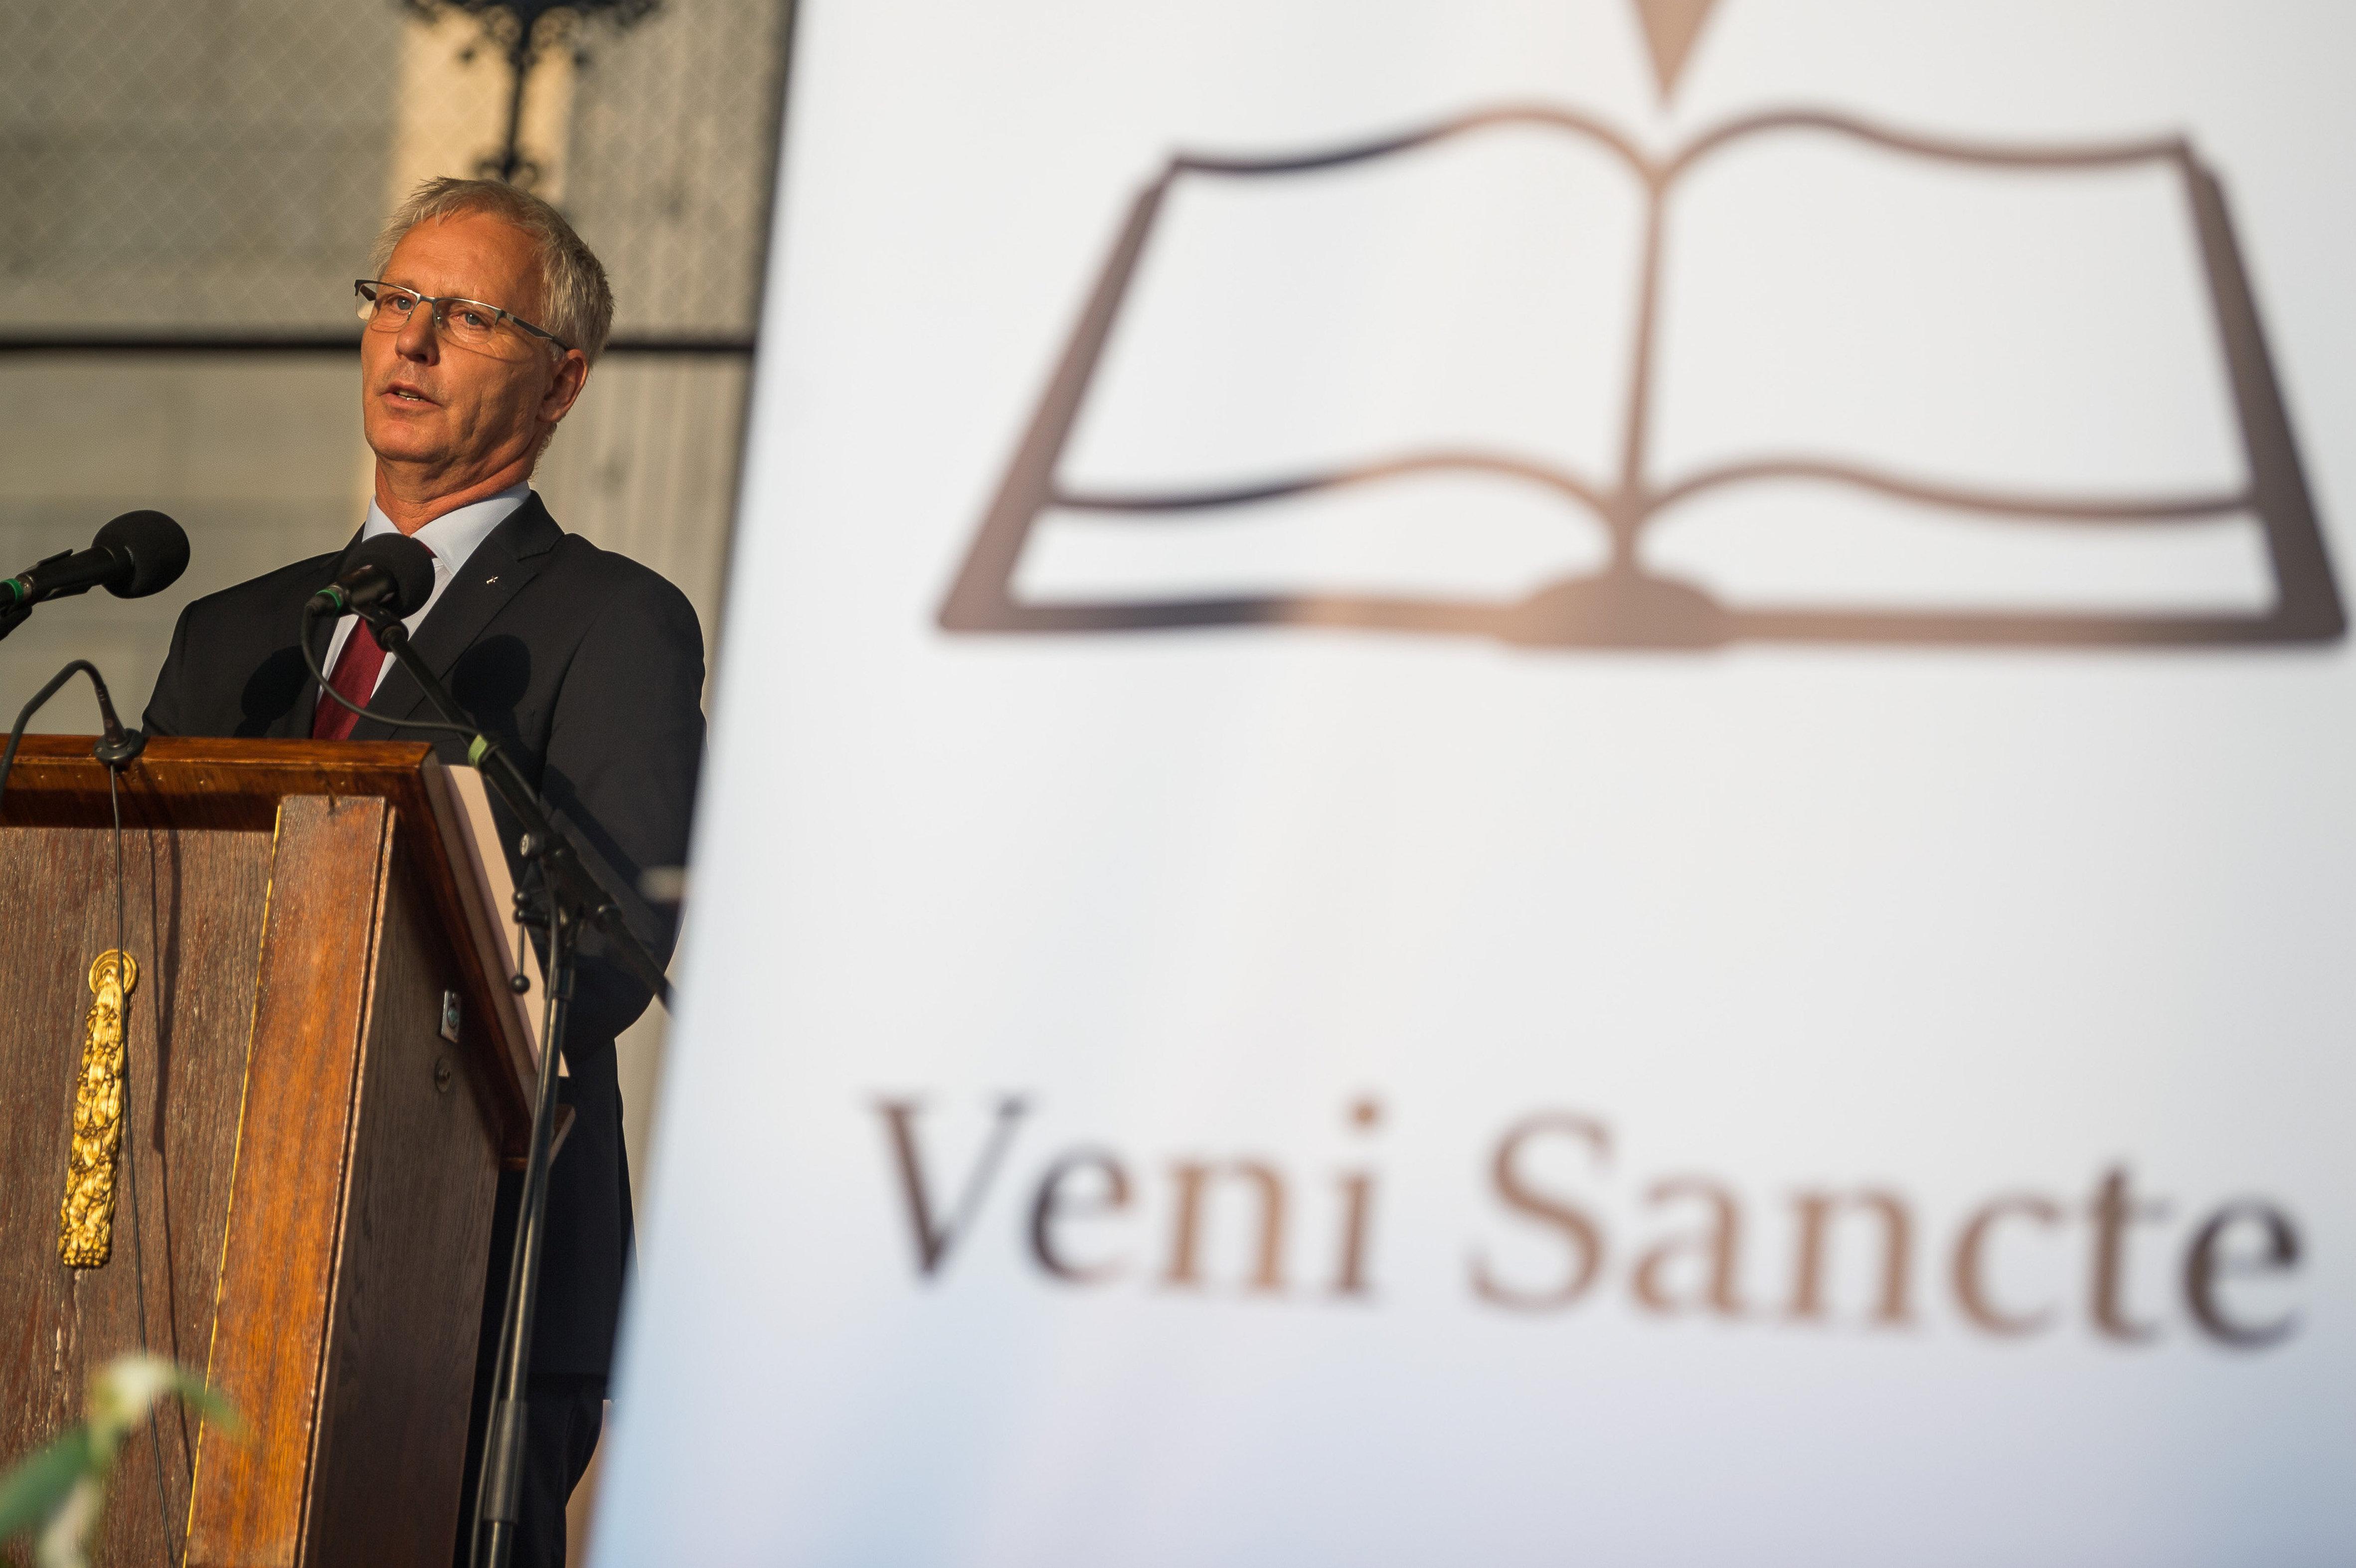 A katolikusok már ősztől átvennének egy balatonfüredi általános iskolát, az evangélikusok csak jövőre